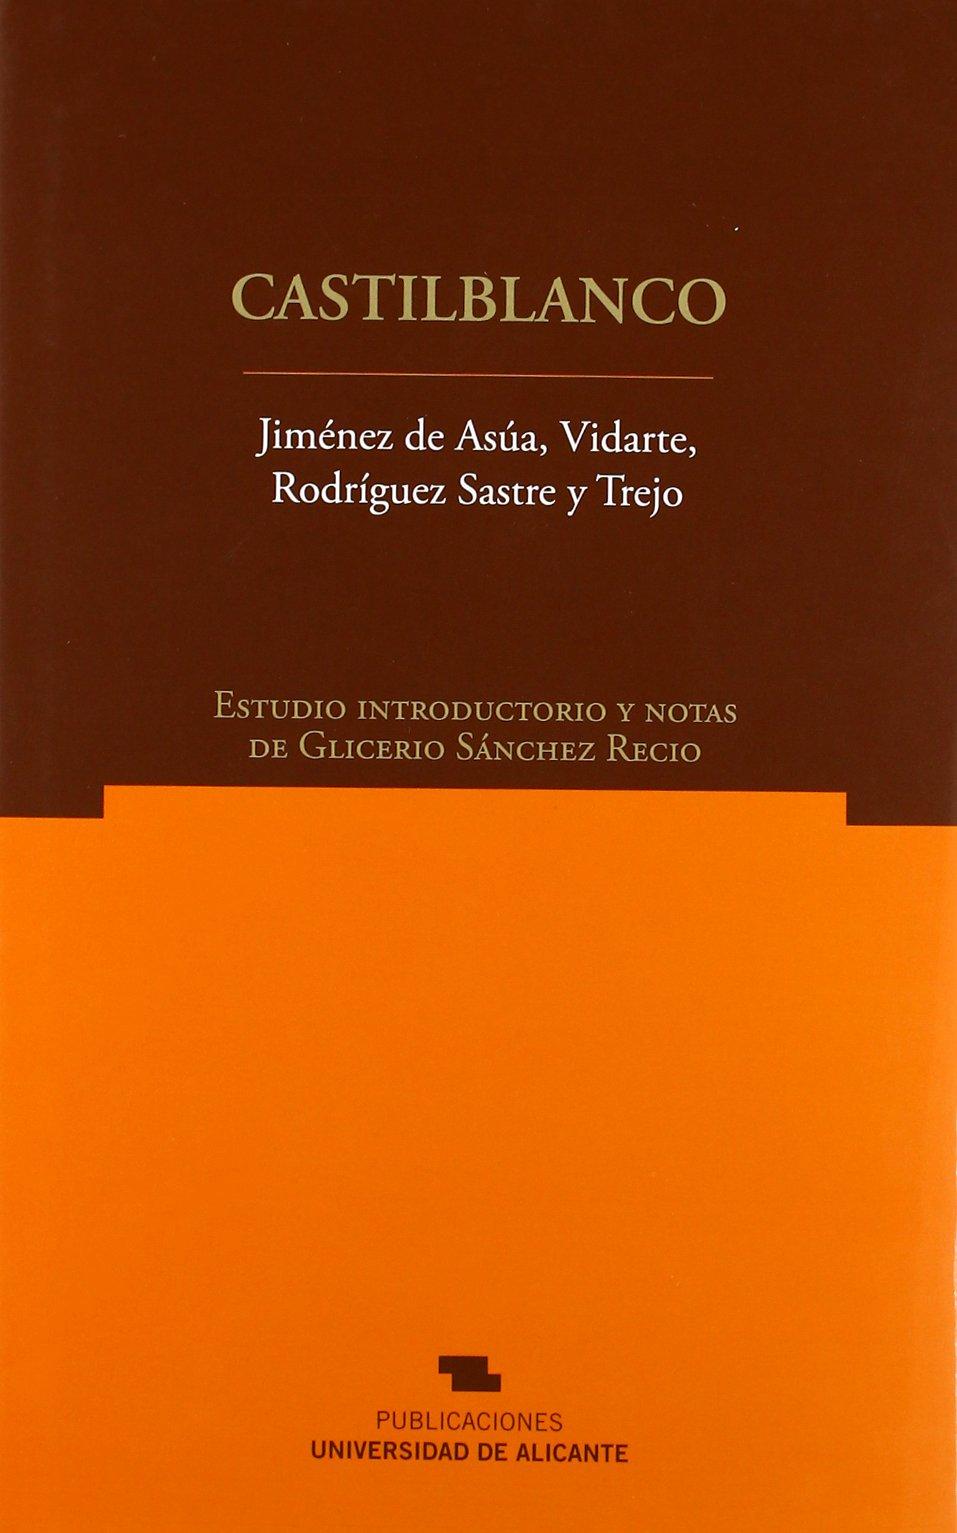 Castilblanco (Norte Crítico): Amazon.es: Luis Jiménez de Asúa, Juan Salmerón Vidarte, Antonio Rodríguez Sastre, Anselmo Trejo Gallardo, Glicerio Sánchez ...